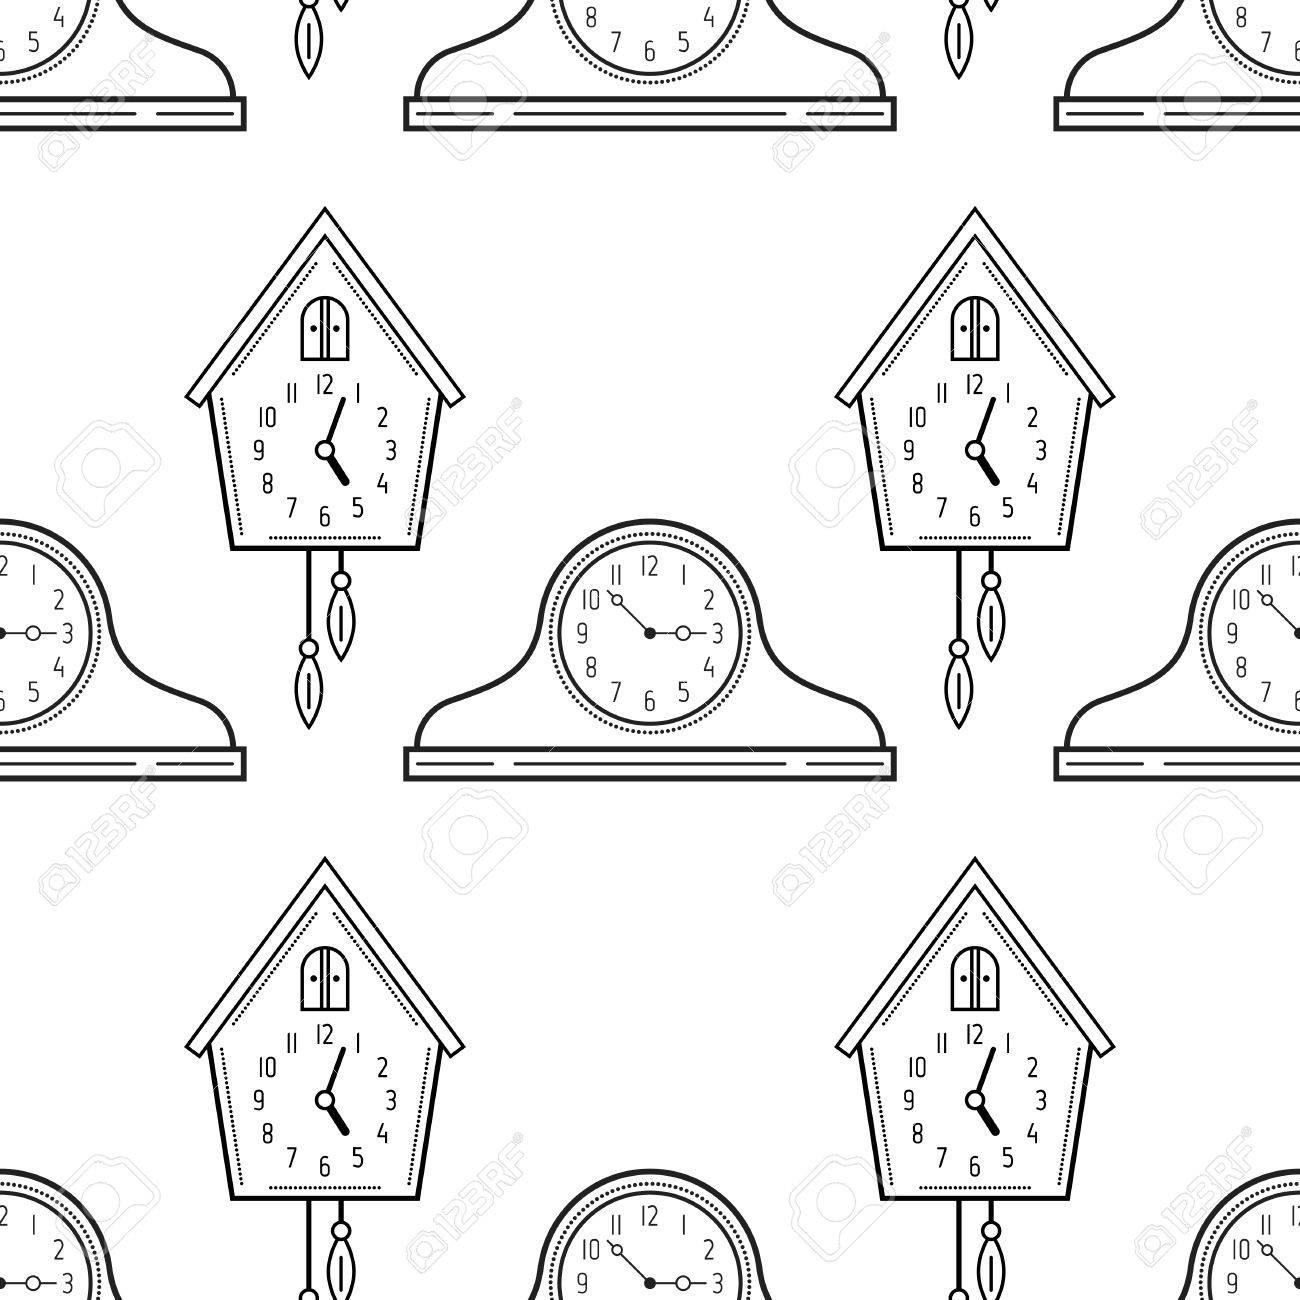 Relojes De Chimenea Y Reloj De Cuco Blanco Y Negro De Patrones Sin Fisuras Para Colorear Libros Páginas Ilustración Vectorial